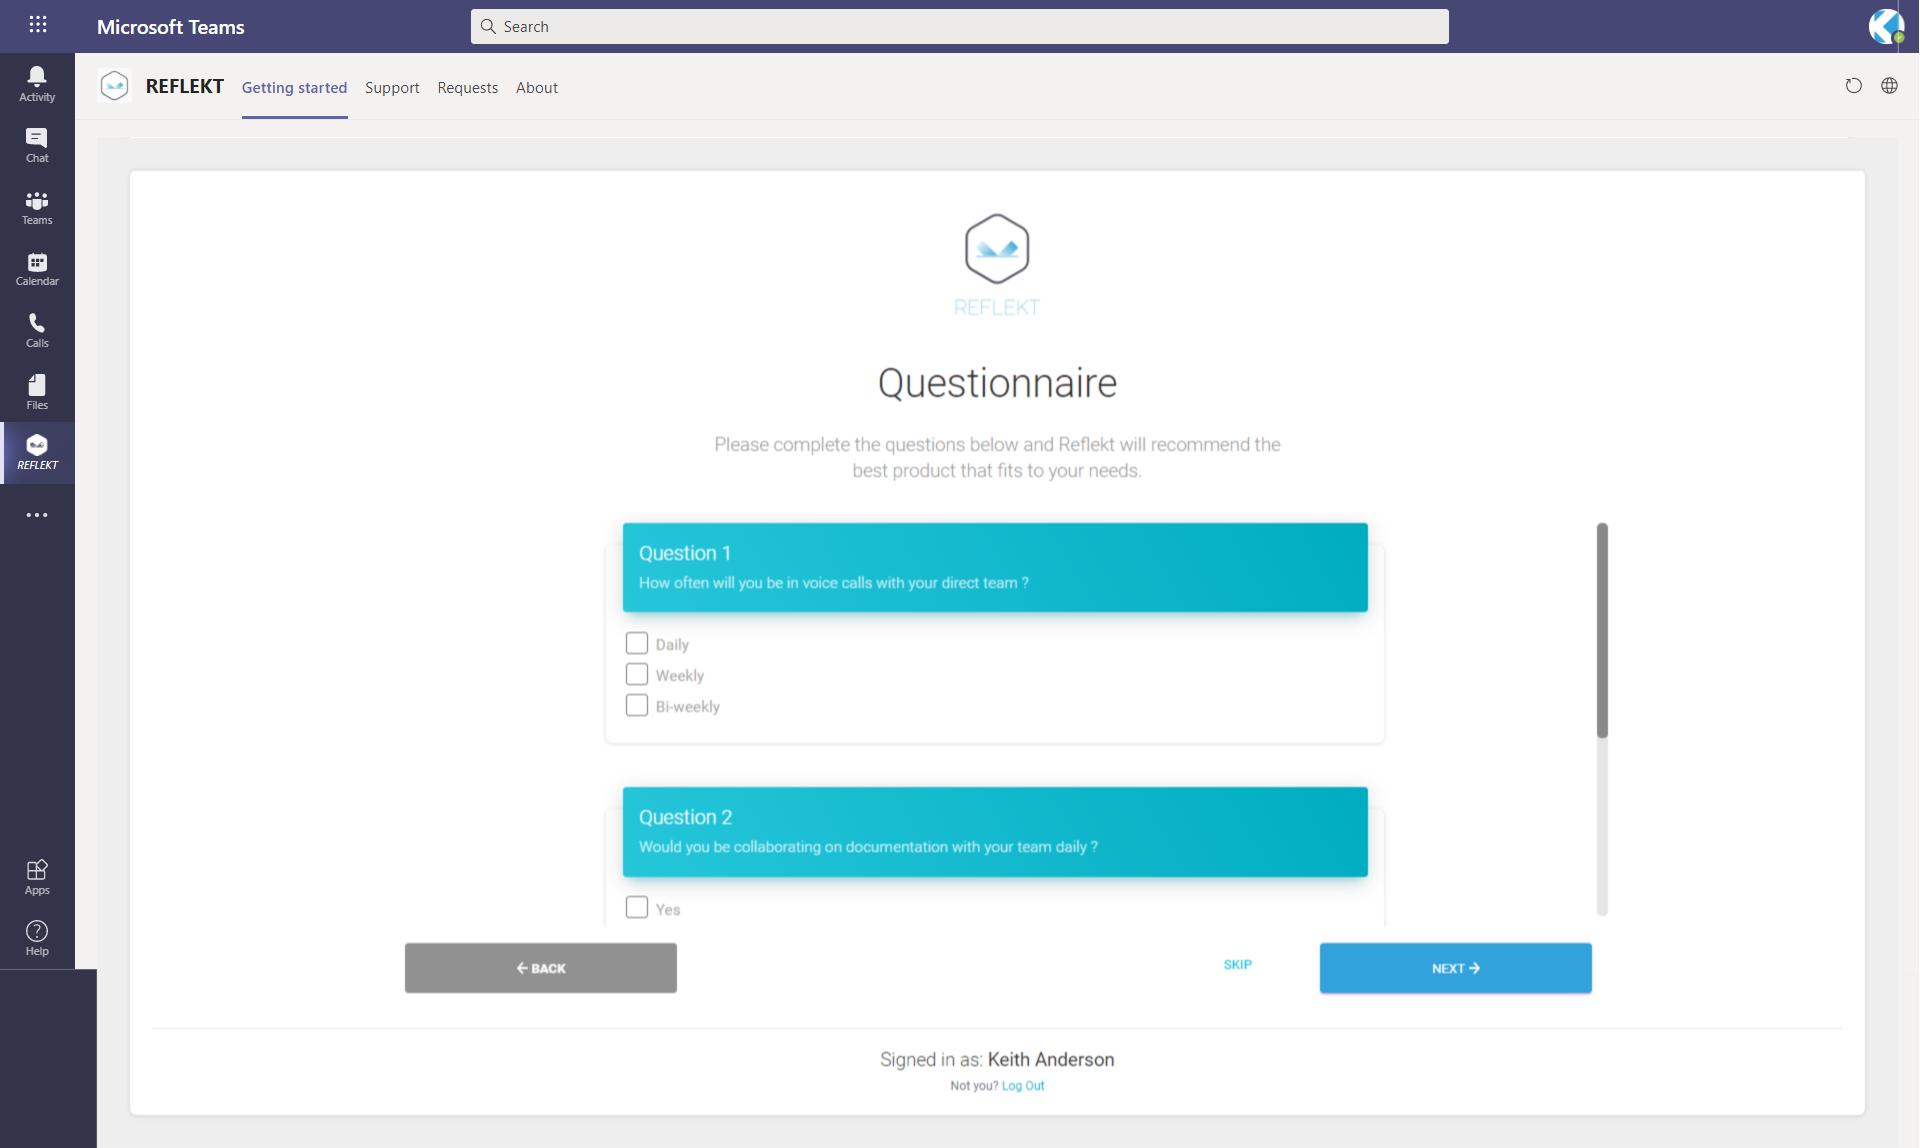 Reflekt Questionnaire